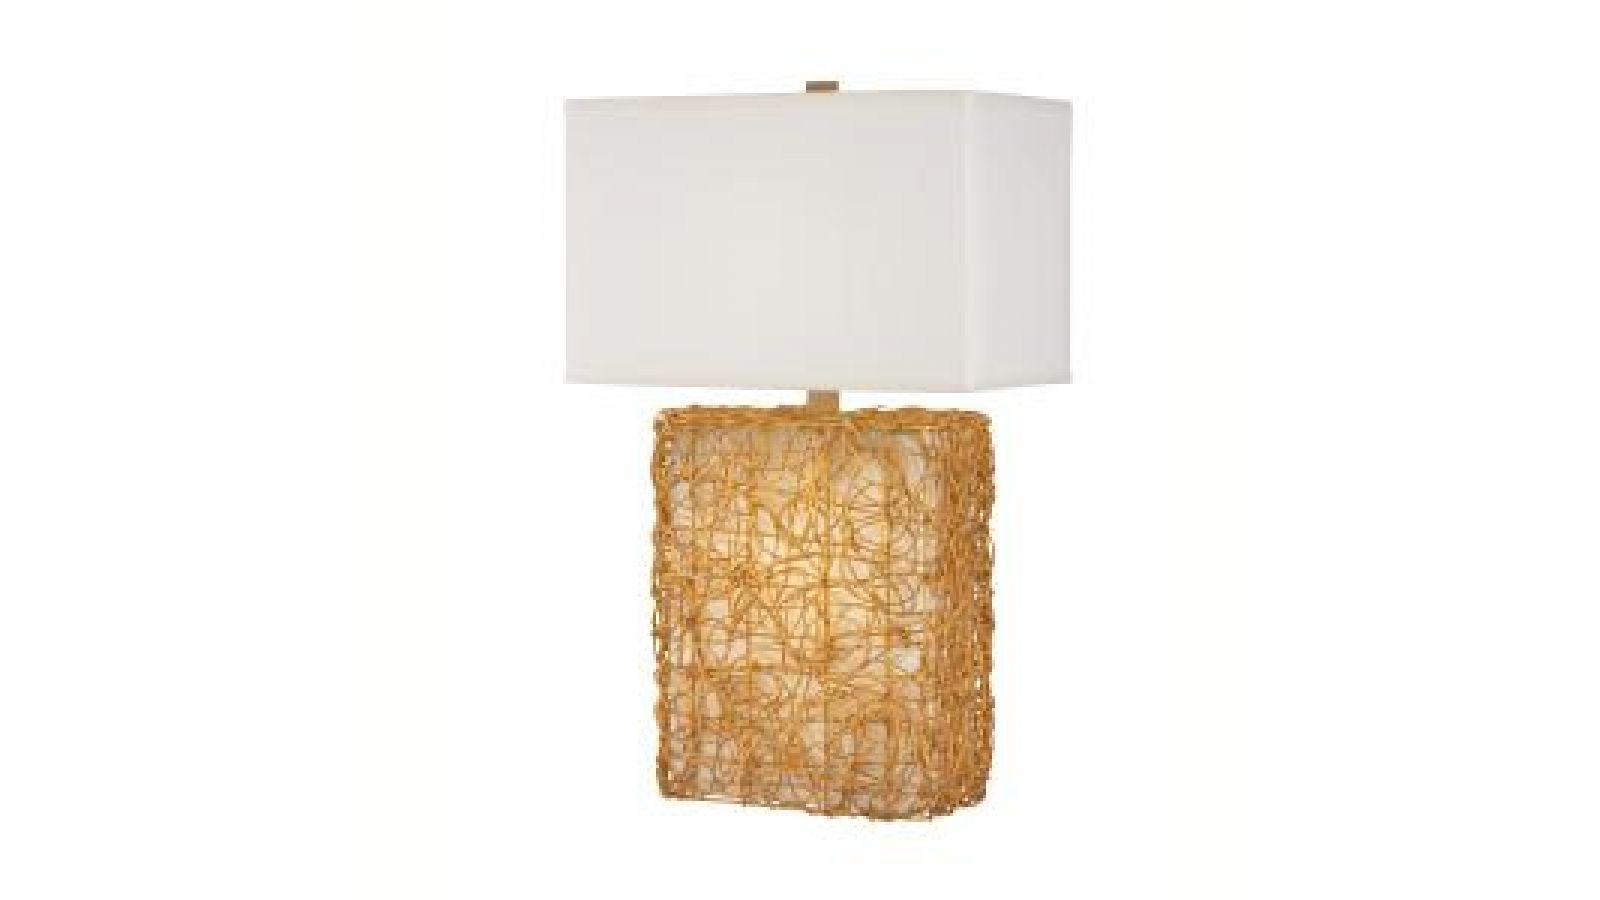 Noodle table lamp